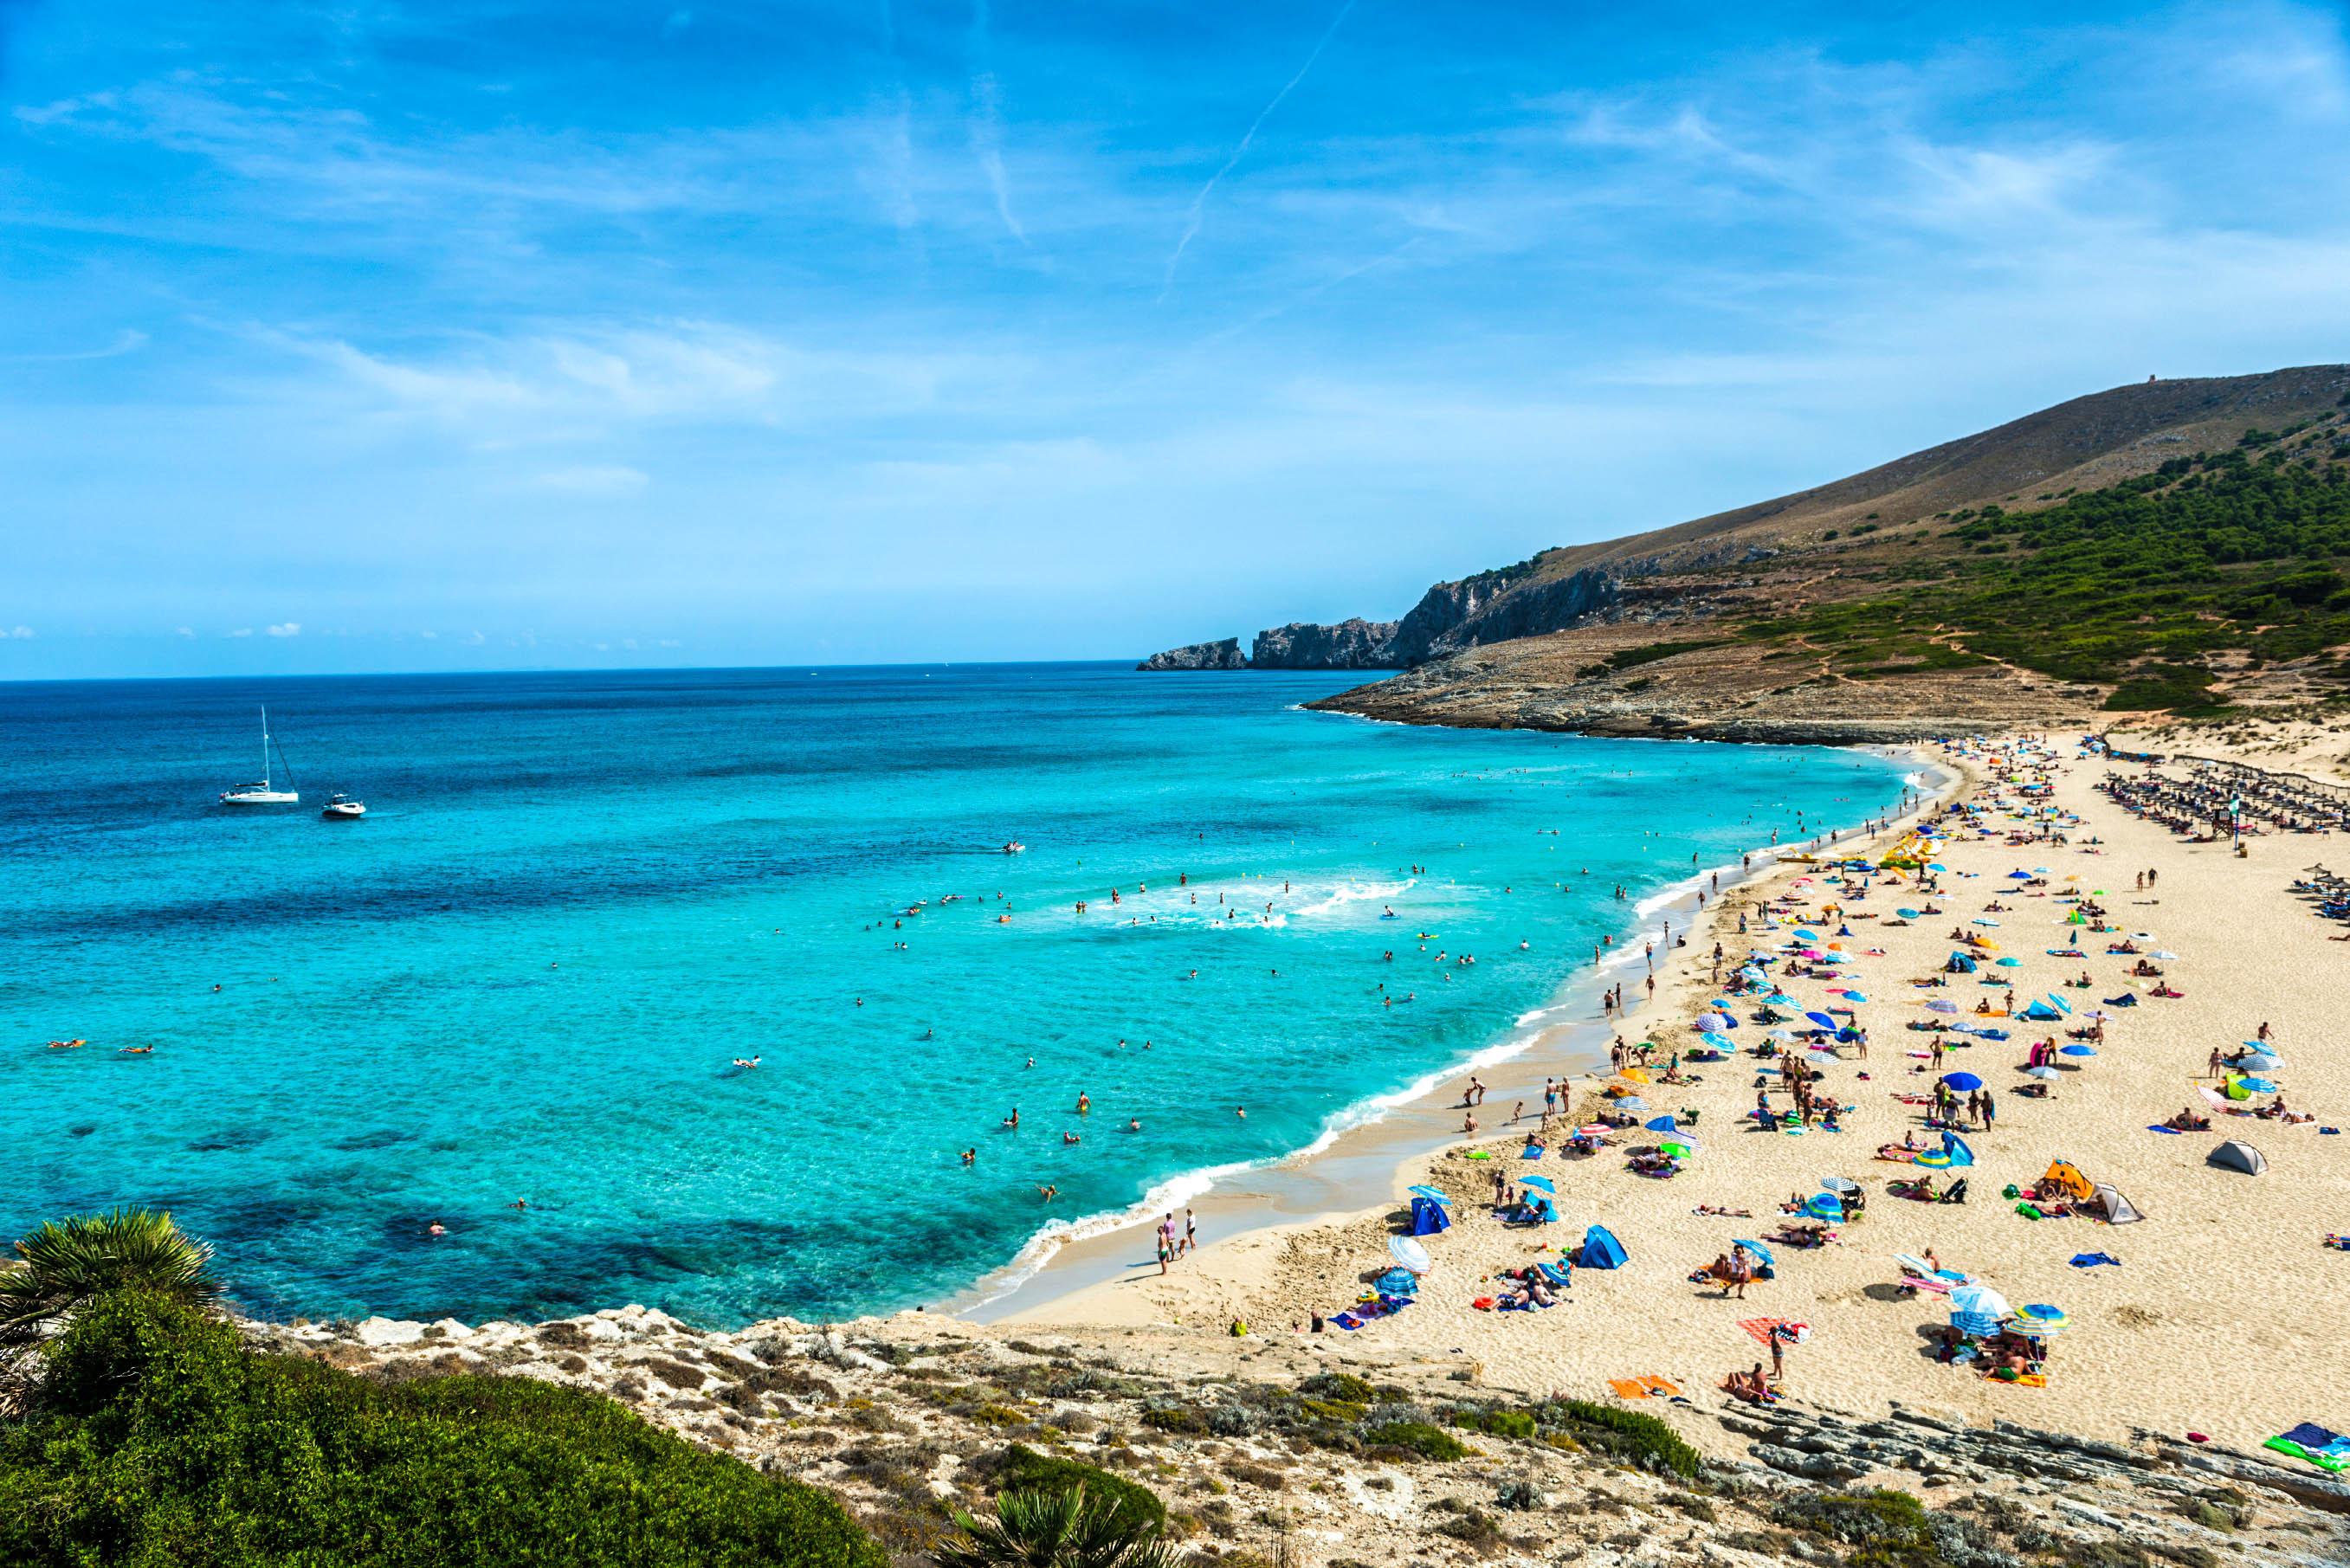 Schönsten Strände Mallorcas Strand von Cala Mesquida, Mallorca Spain Urlaub